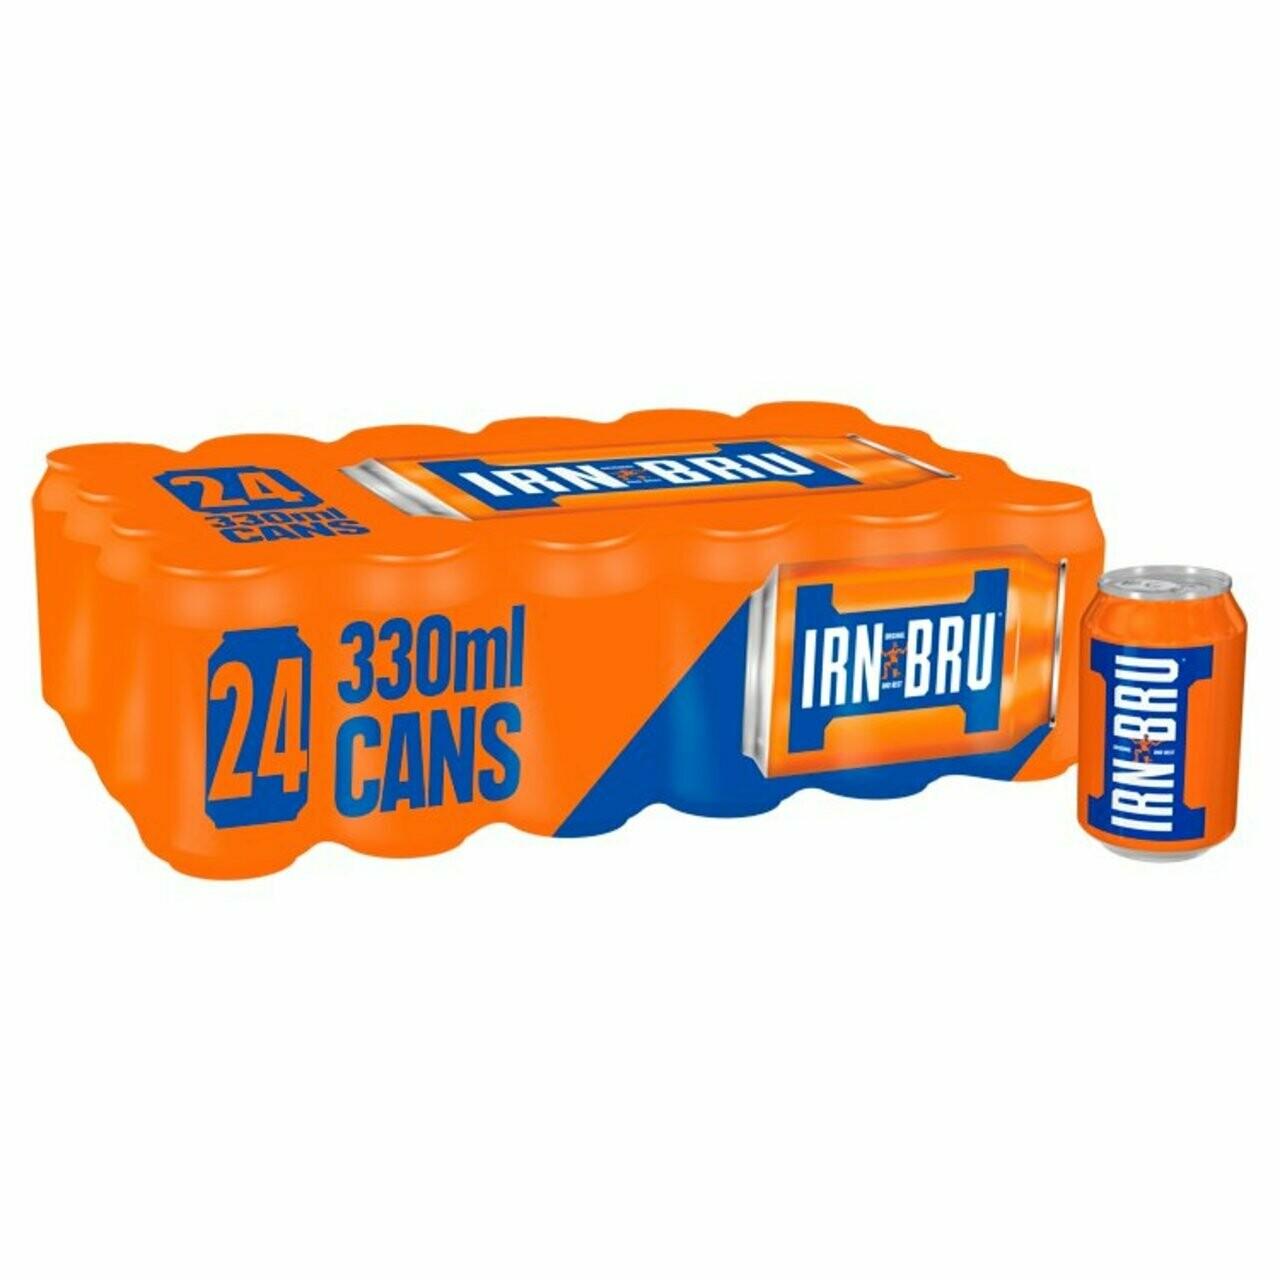 IRN-BRU Soda Drink 330ml Can [CASE OF 24]